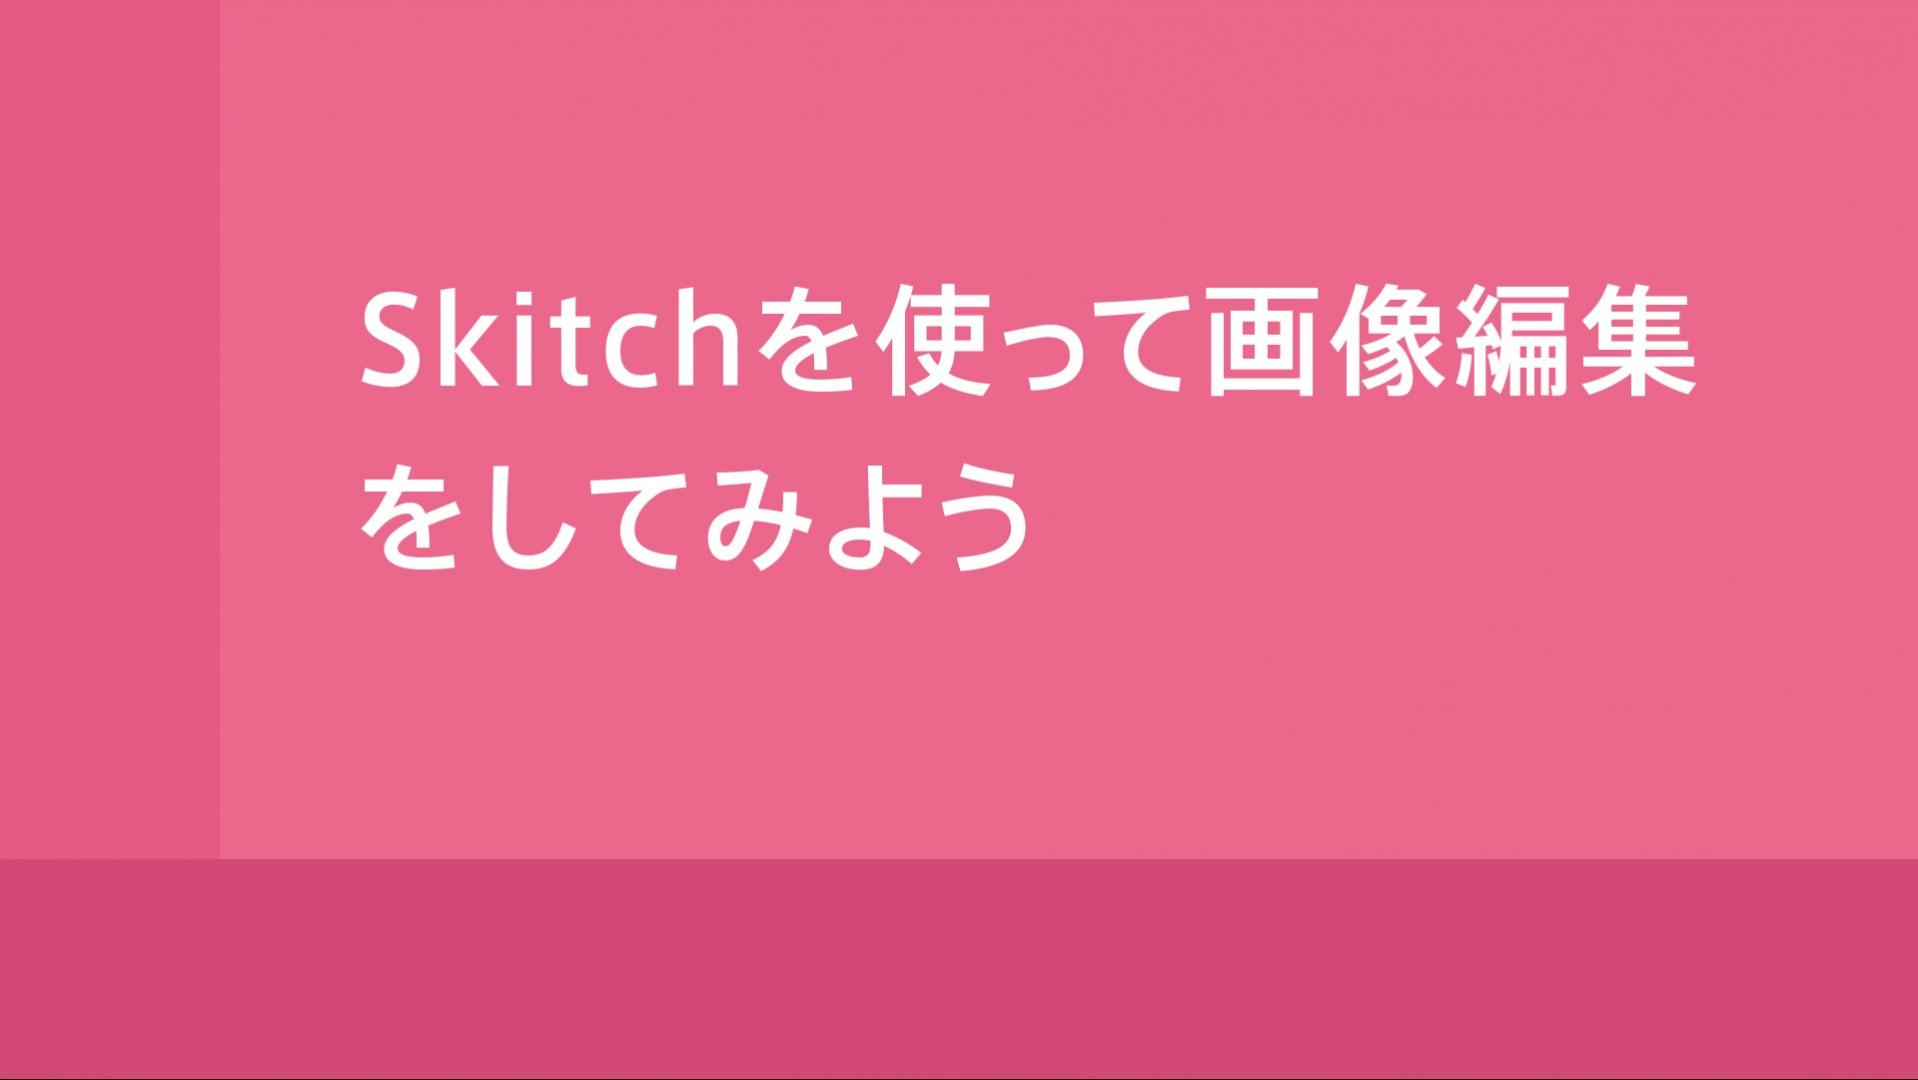 加工ツールを使ってテキストを入れる Skitch 動画マニュアル